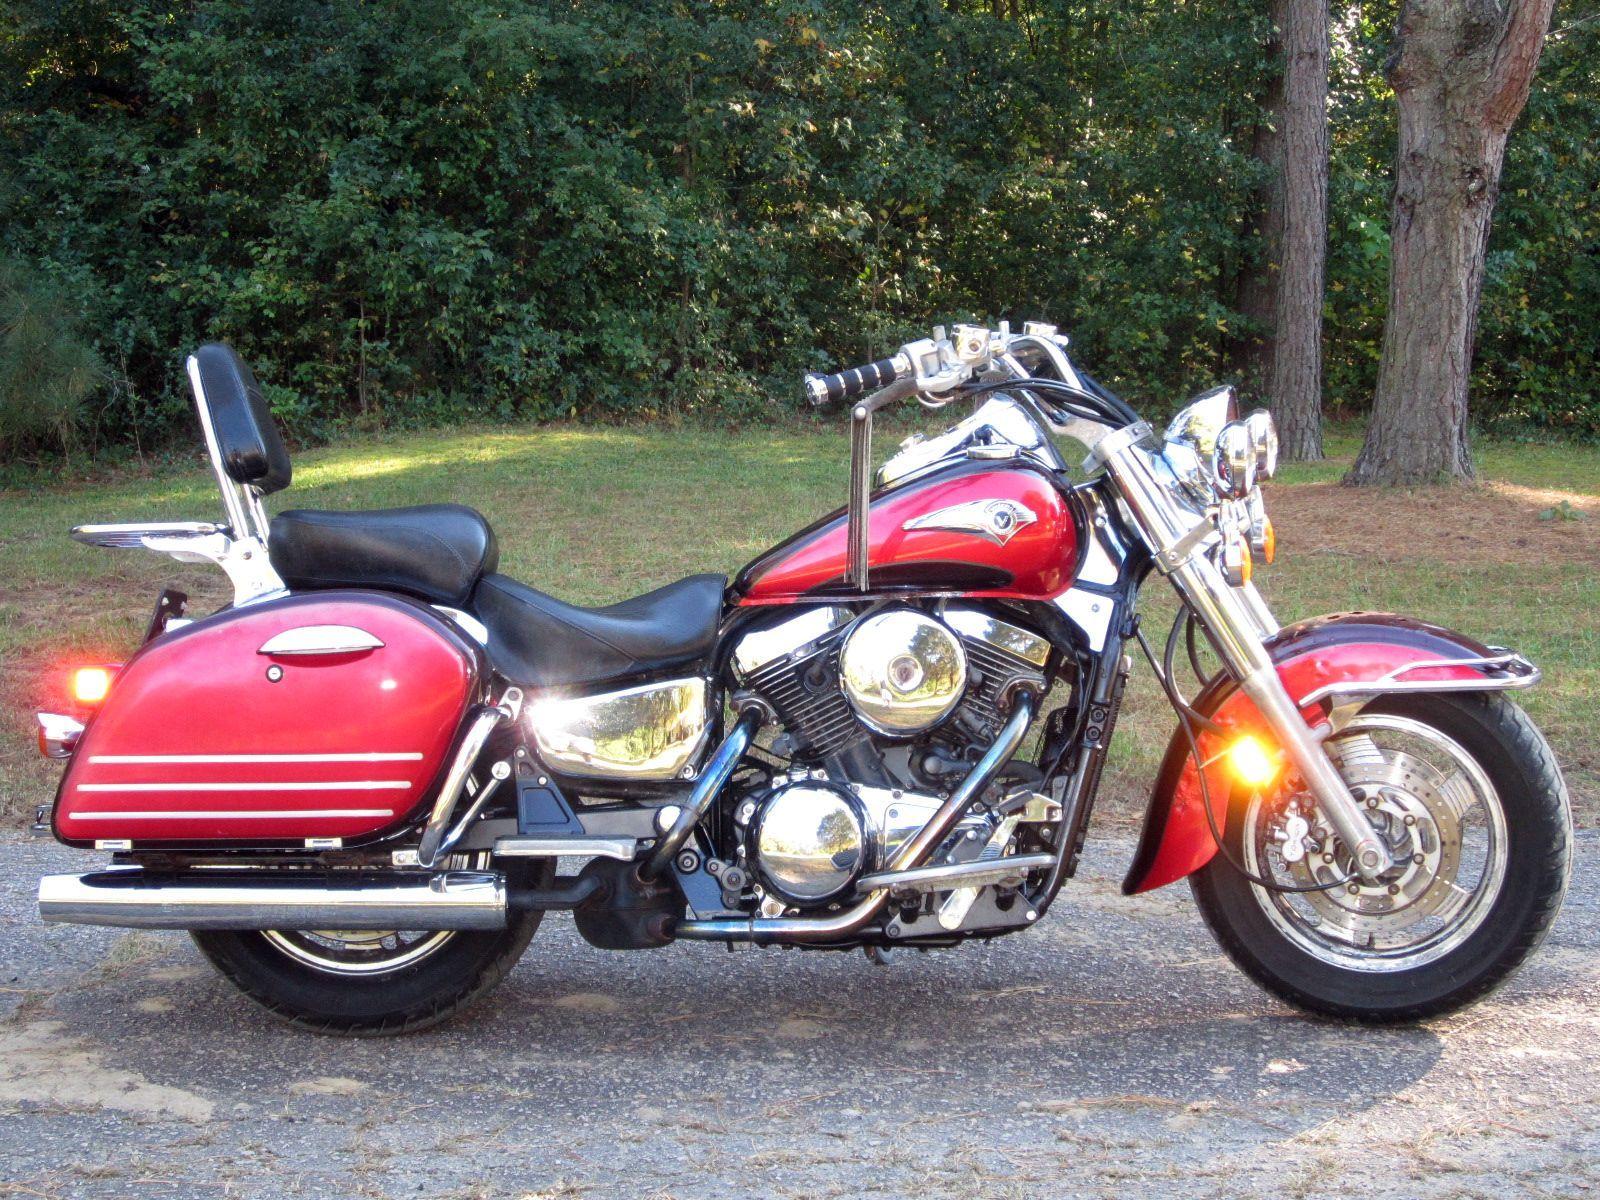 1999 Kawasaki Nomad 1500 Vulcan No Reserve Touring Cruiser Drifter Harley Honda